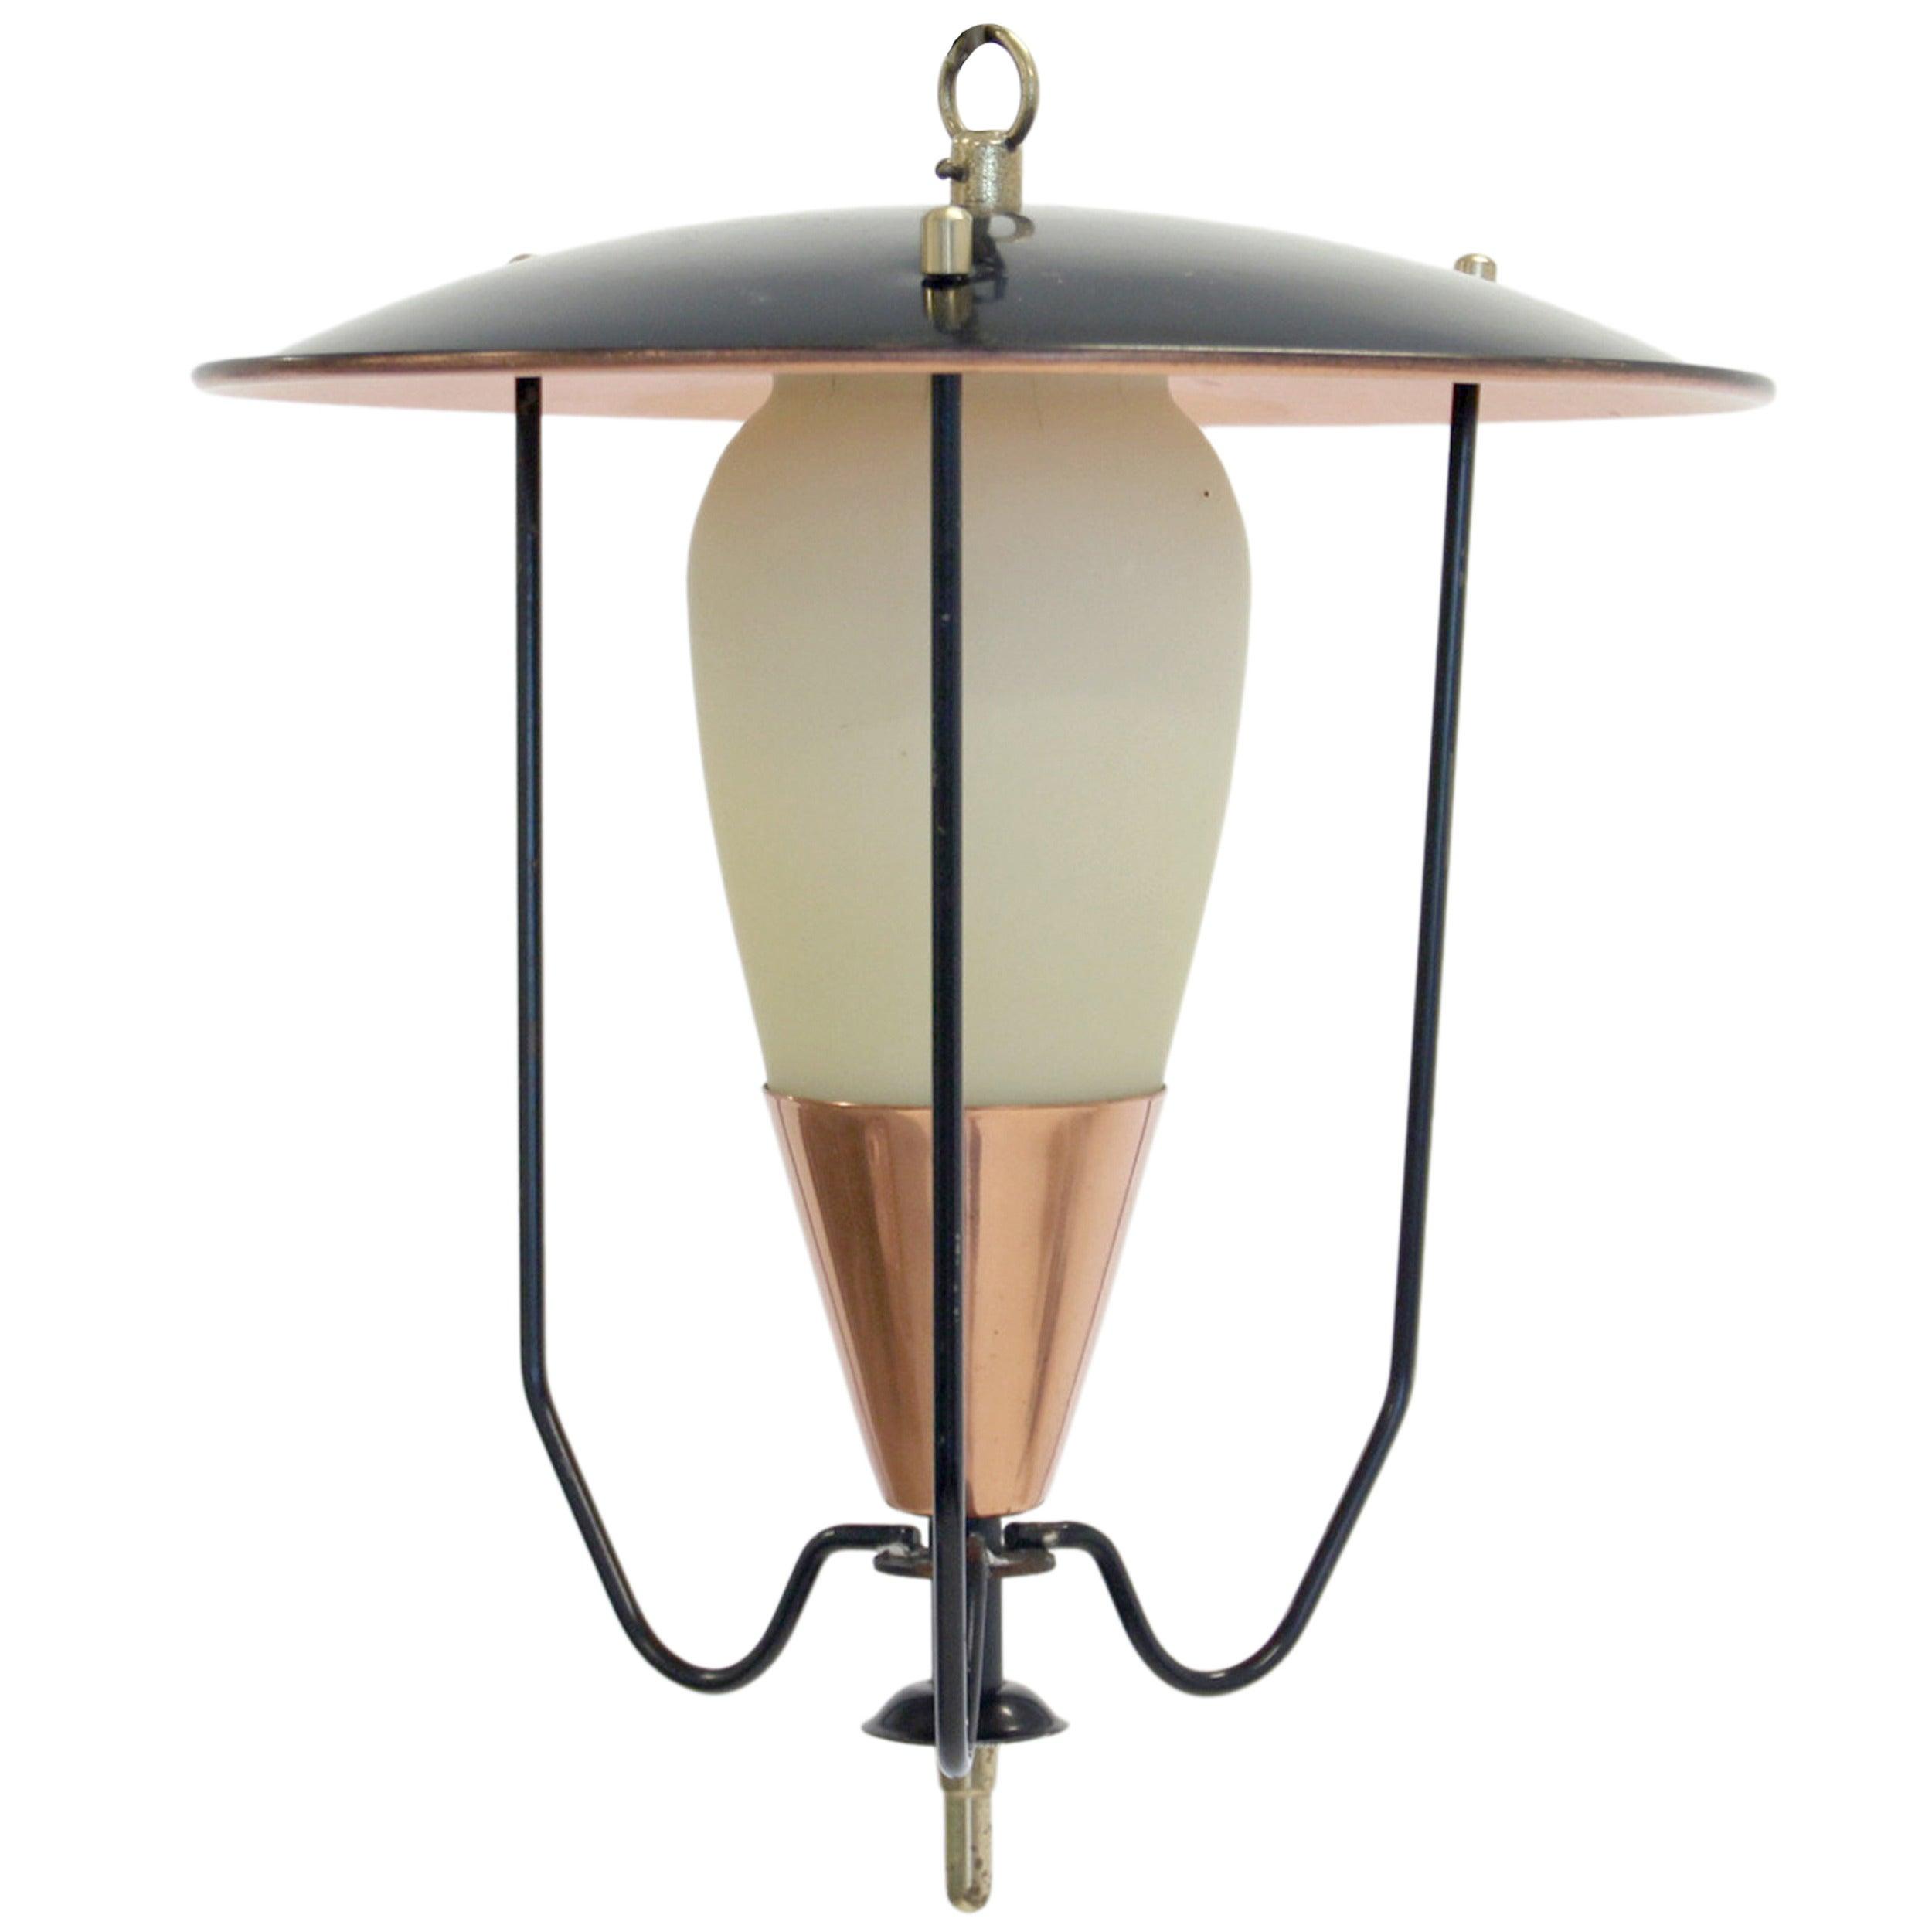 Scandinavian Midcentury Ceiling Lamp, 1950s